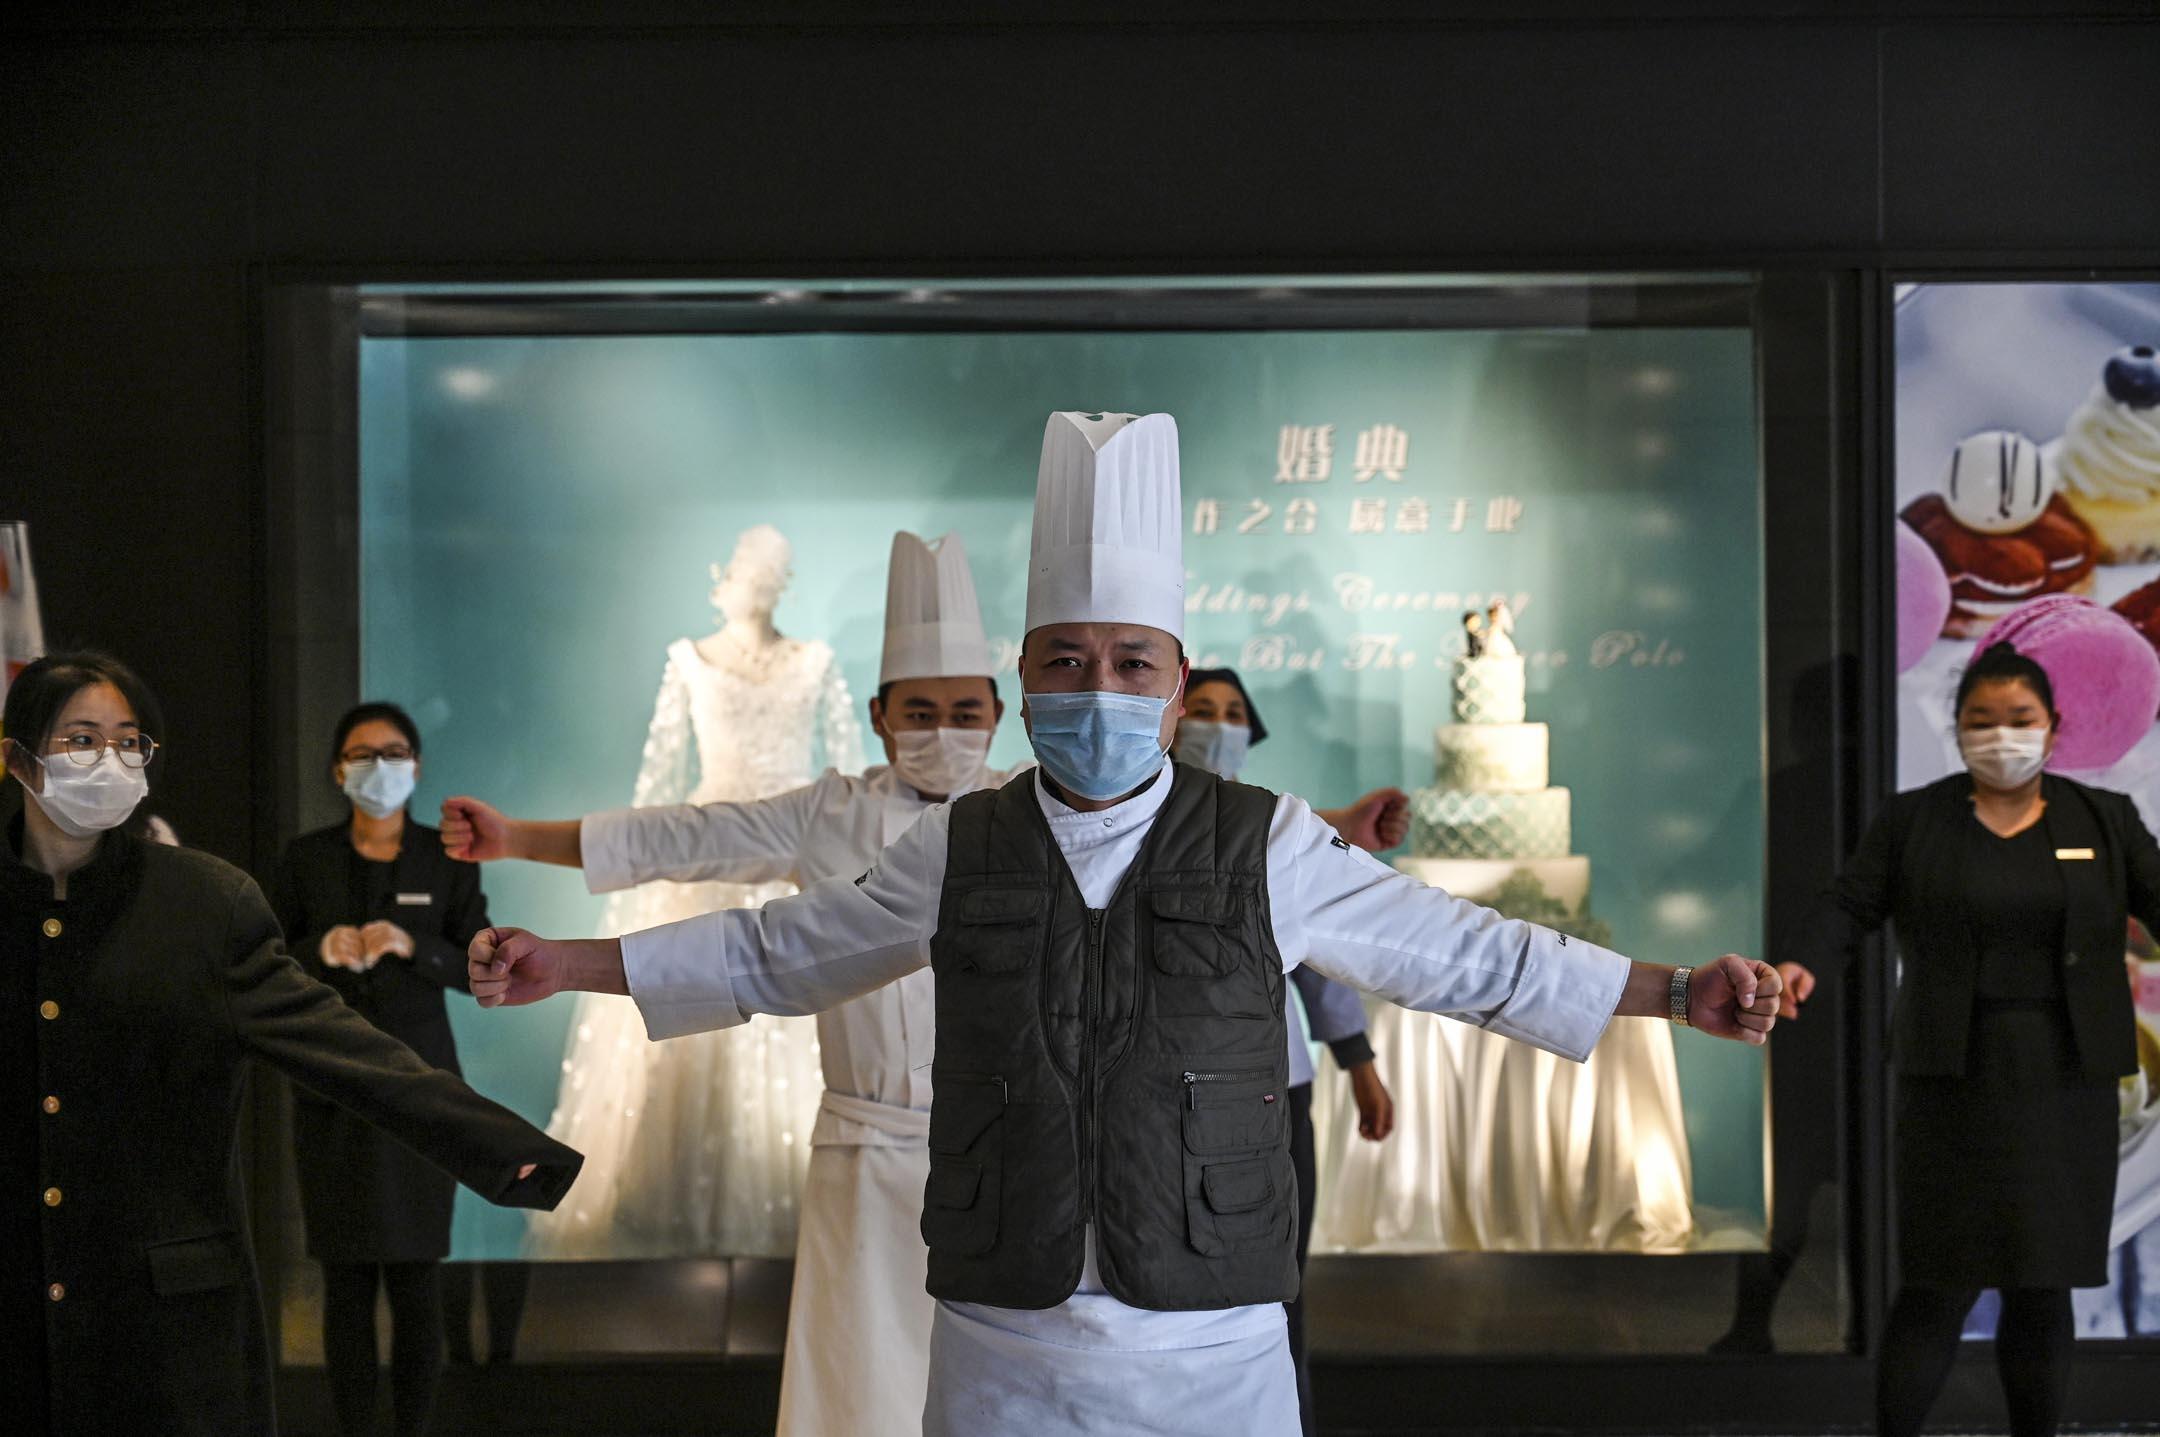 2020年1月28日,在武漢肺炎爆發期間,武漢一間酒店的工作人員在大廳裡鍛煉身體。 攝:Hector Retamal/AFP via Getty Images